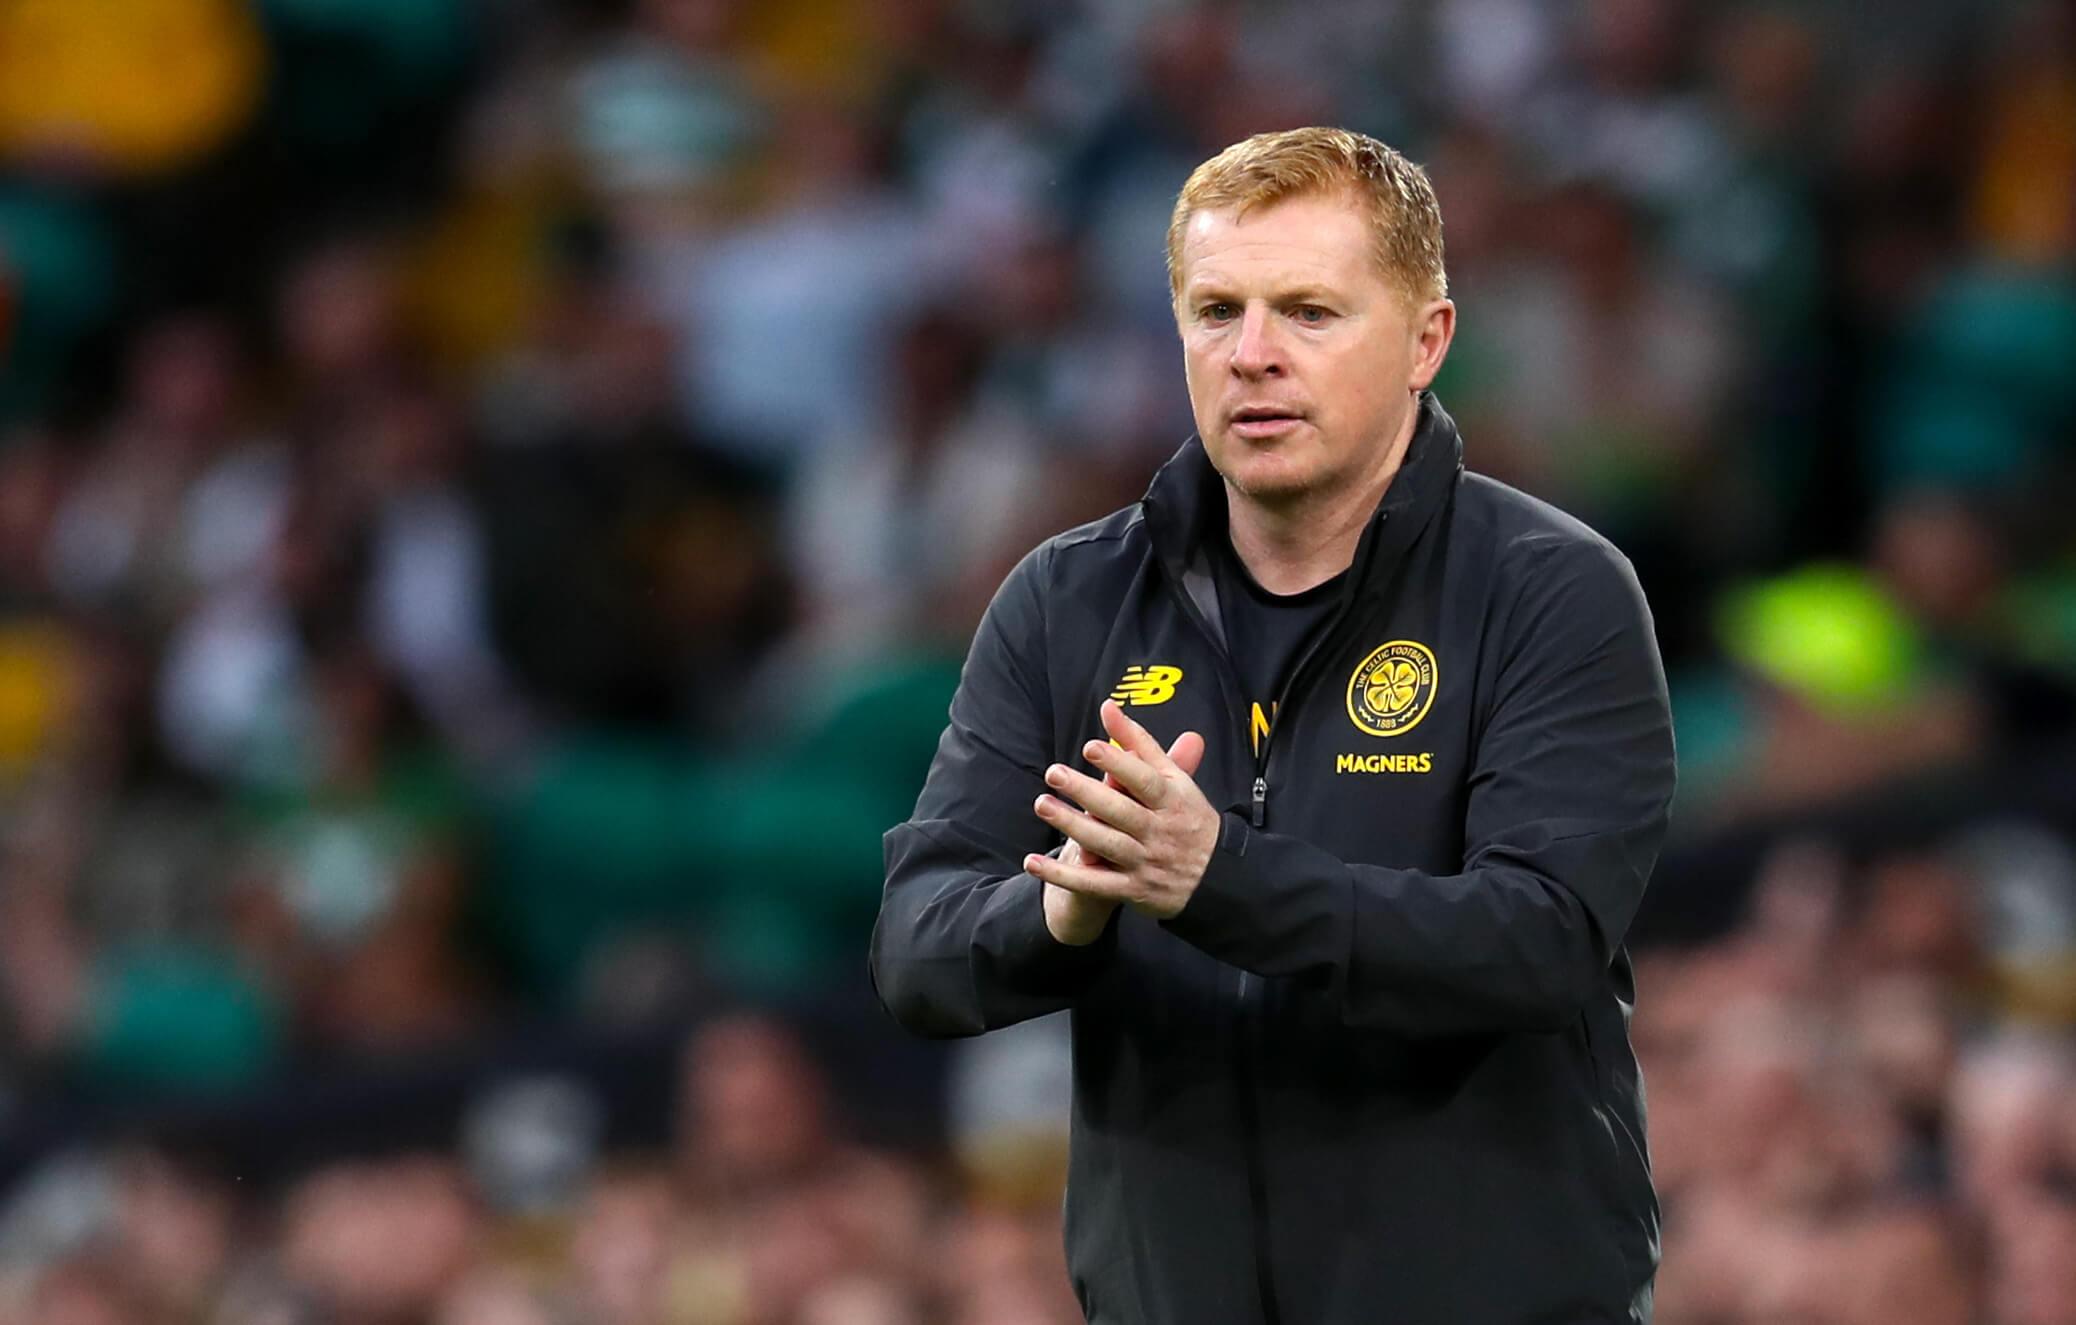 John McGinn's Failed Celtic Move Sliding Doors Moment For Christie